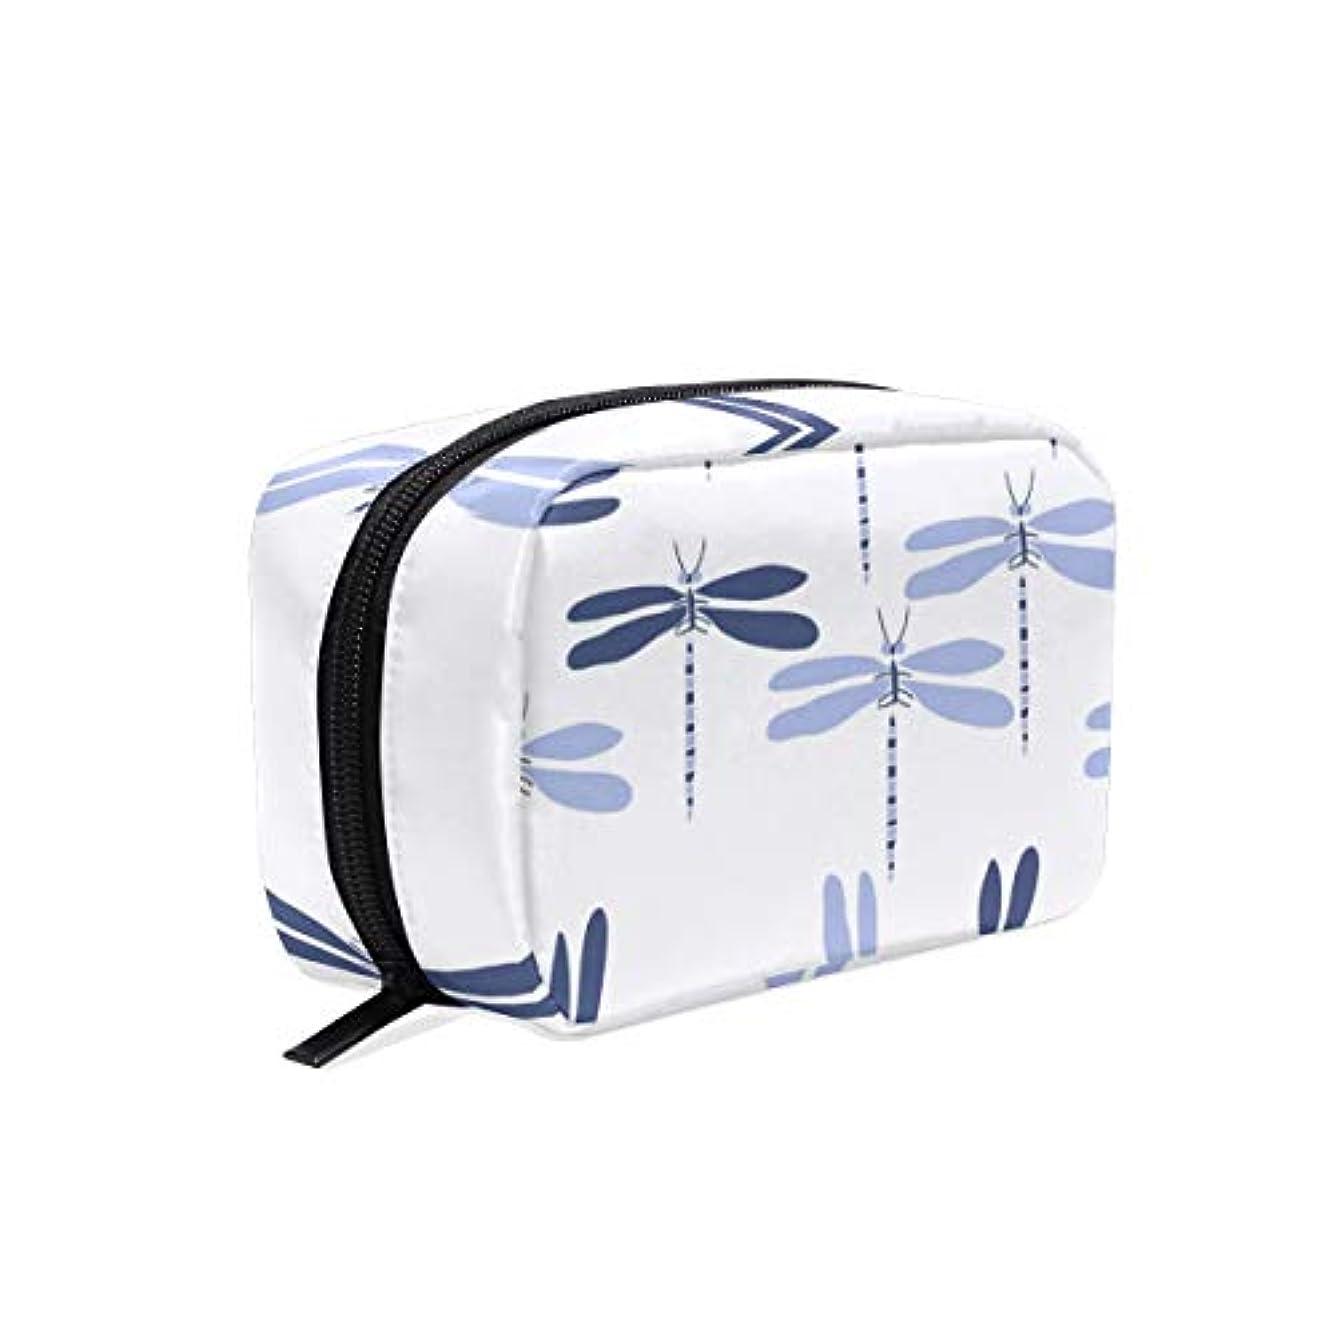 くつろぎ想定北東化粧品 収納バッグ コスメポーチ トンボ柄メイクボックス メイクポーチ 多機能 大容量 軽量 化粧ポーチ 小物入れ レディース用 おしゃれ 大容量 旅行出張用 持ち運び便利